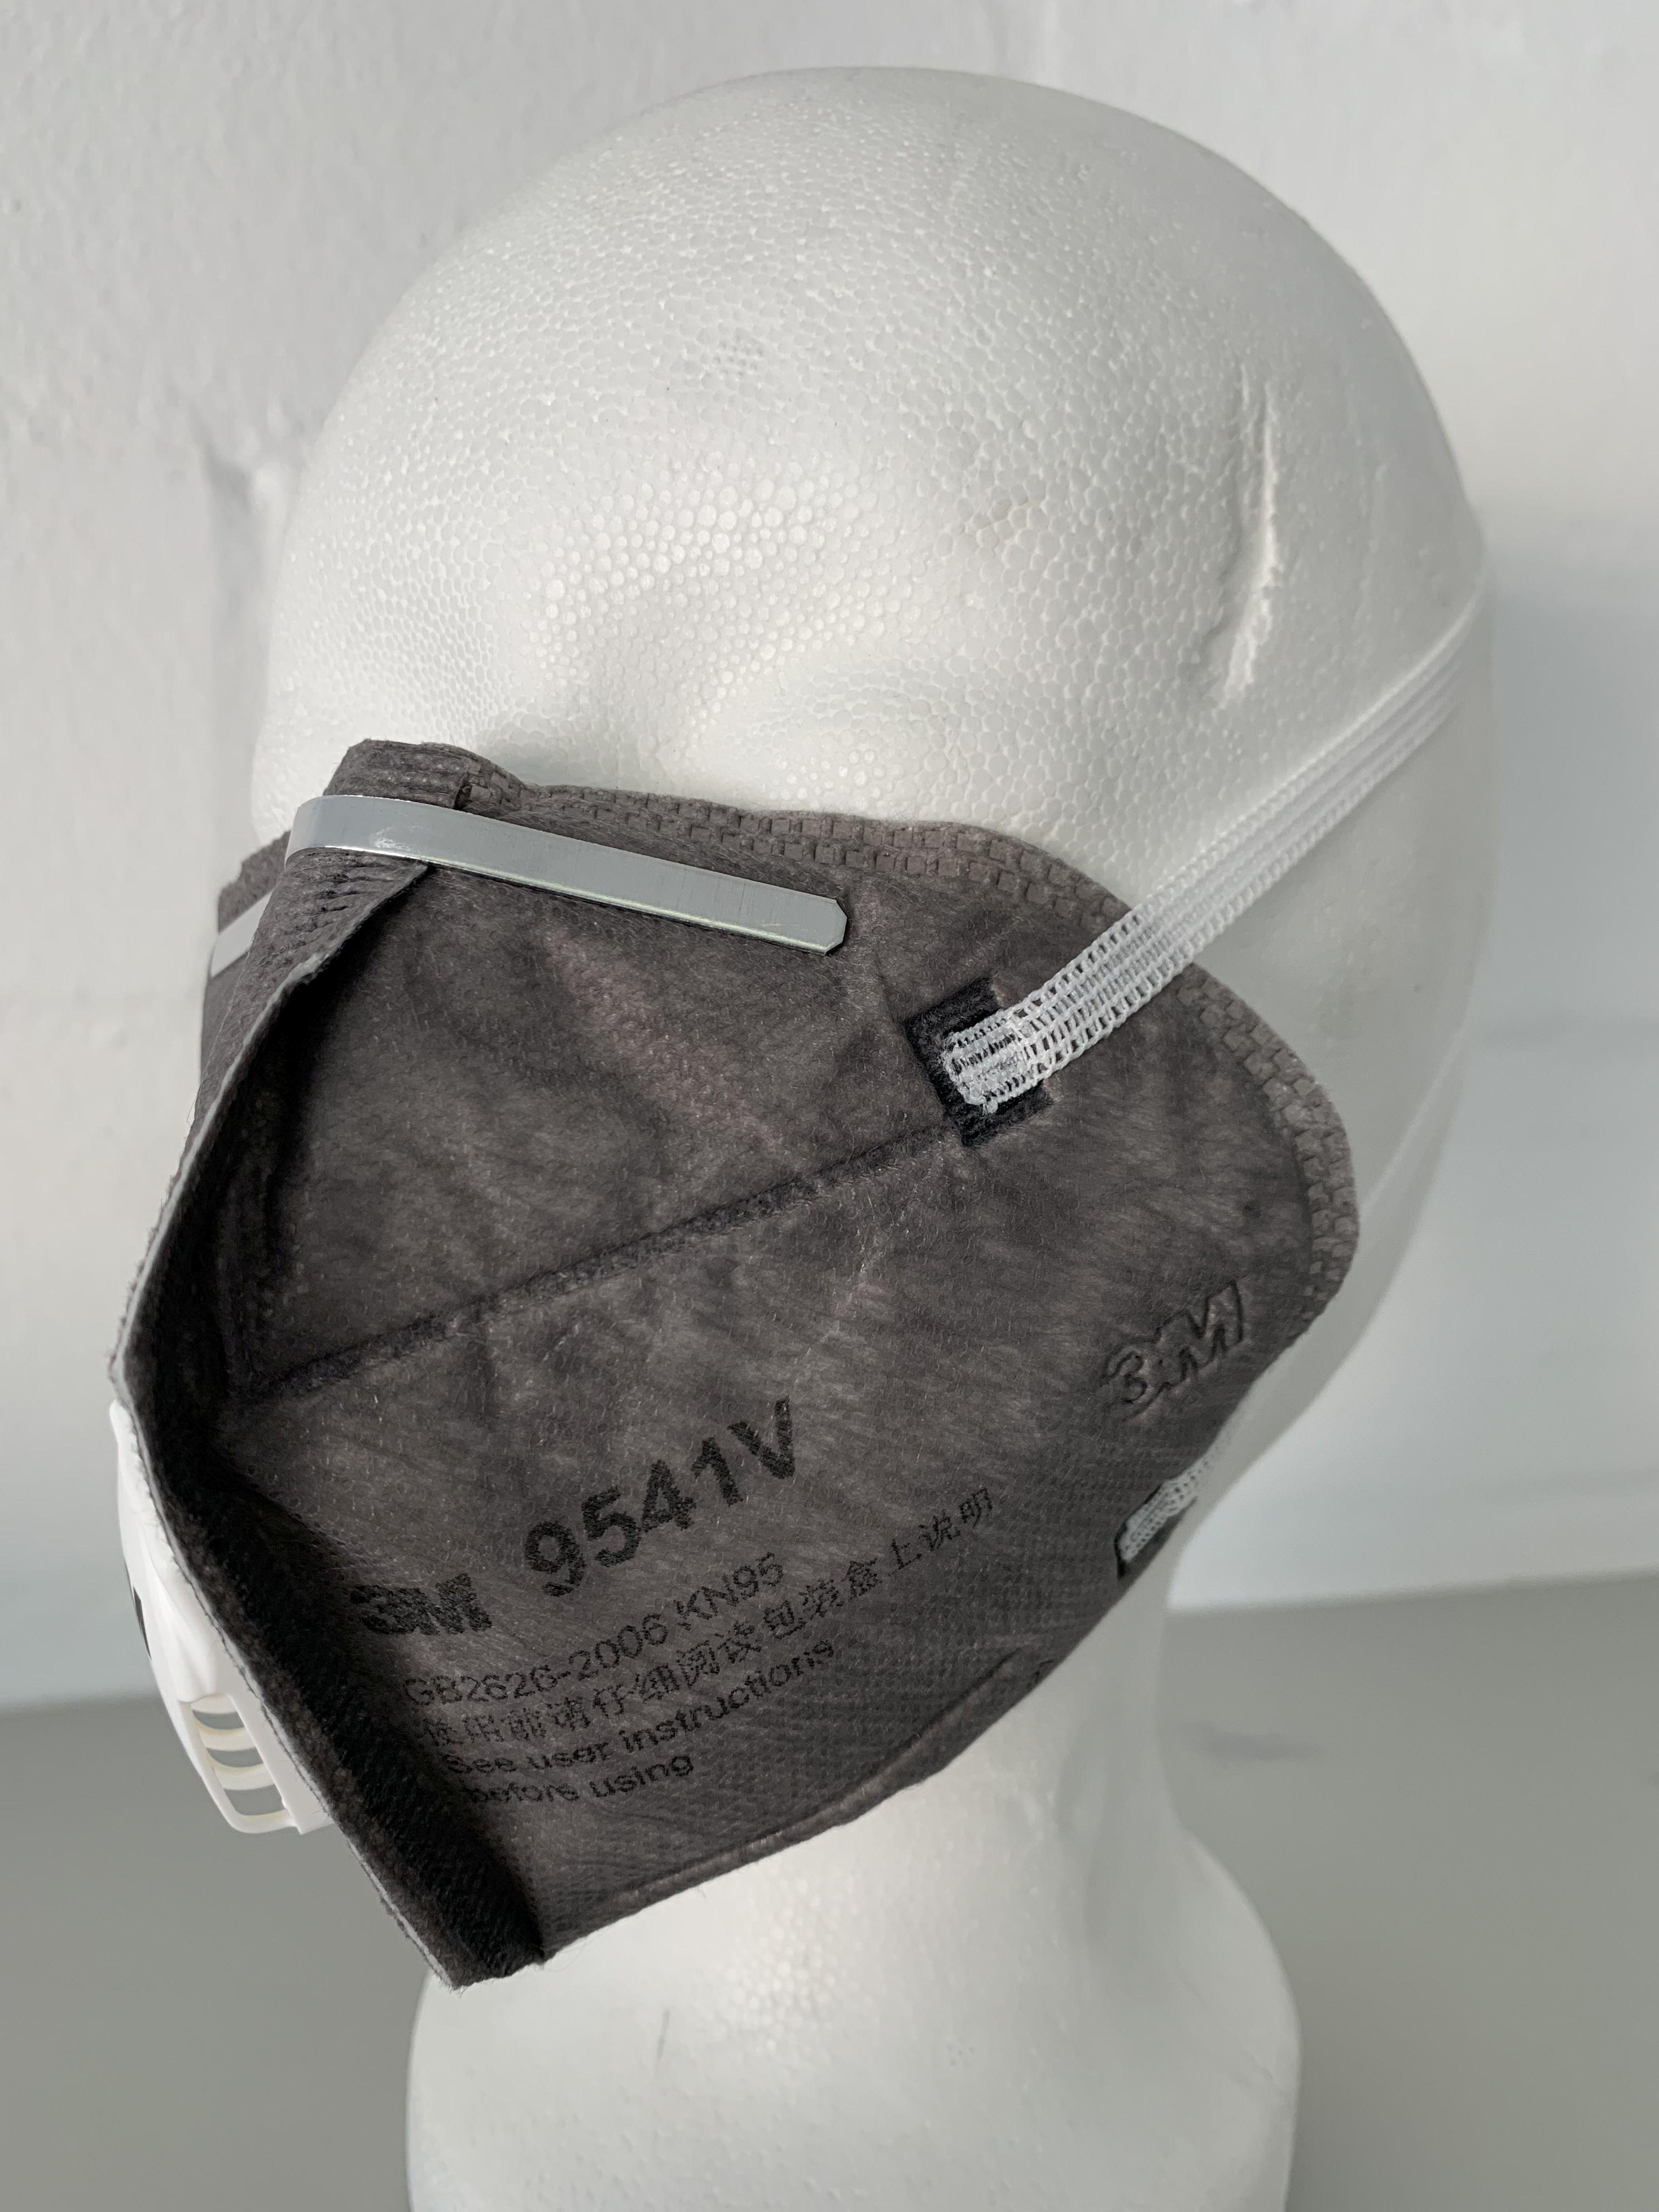 3M KN95 - Typ FFP2 Maske   Mundschutz   Masken für Bayern